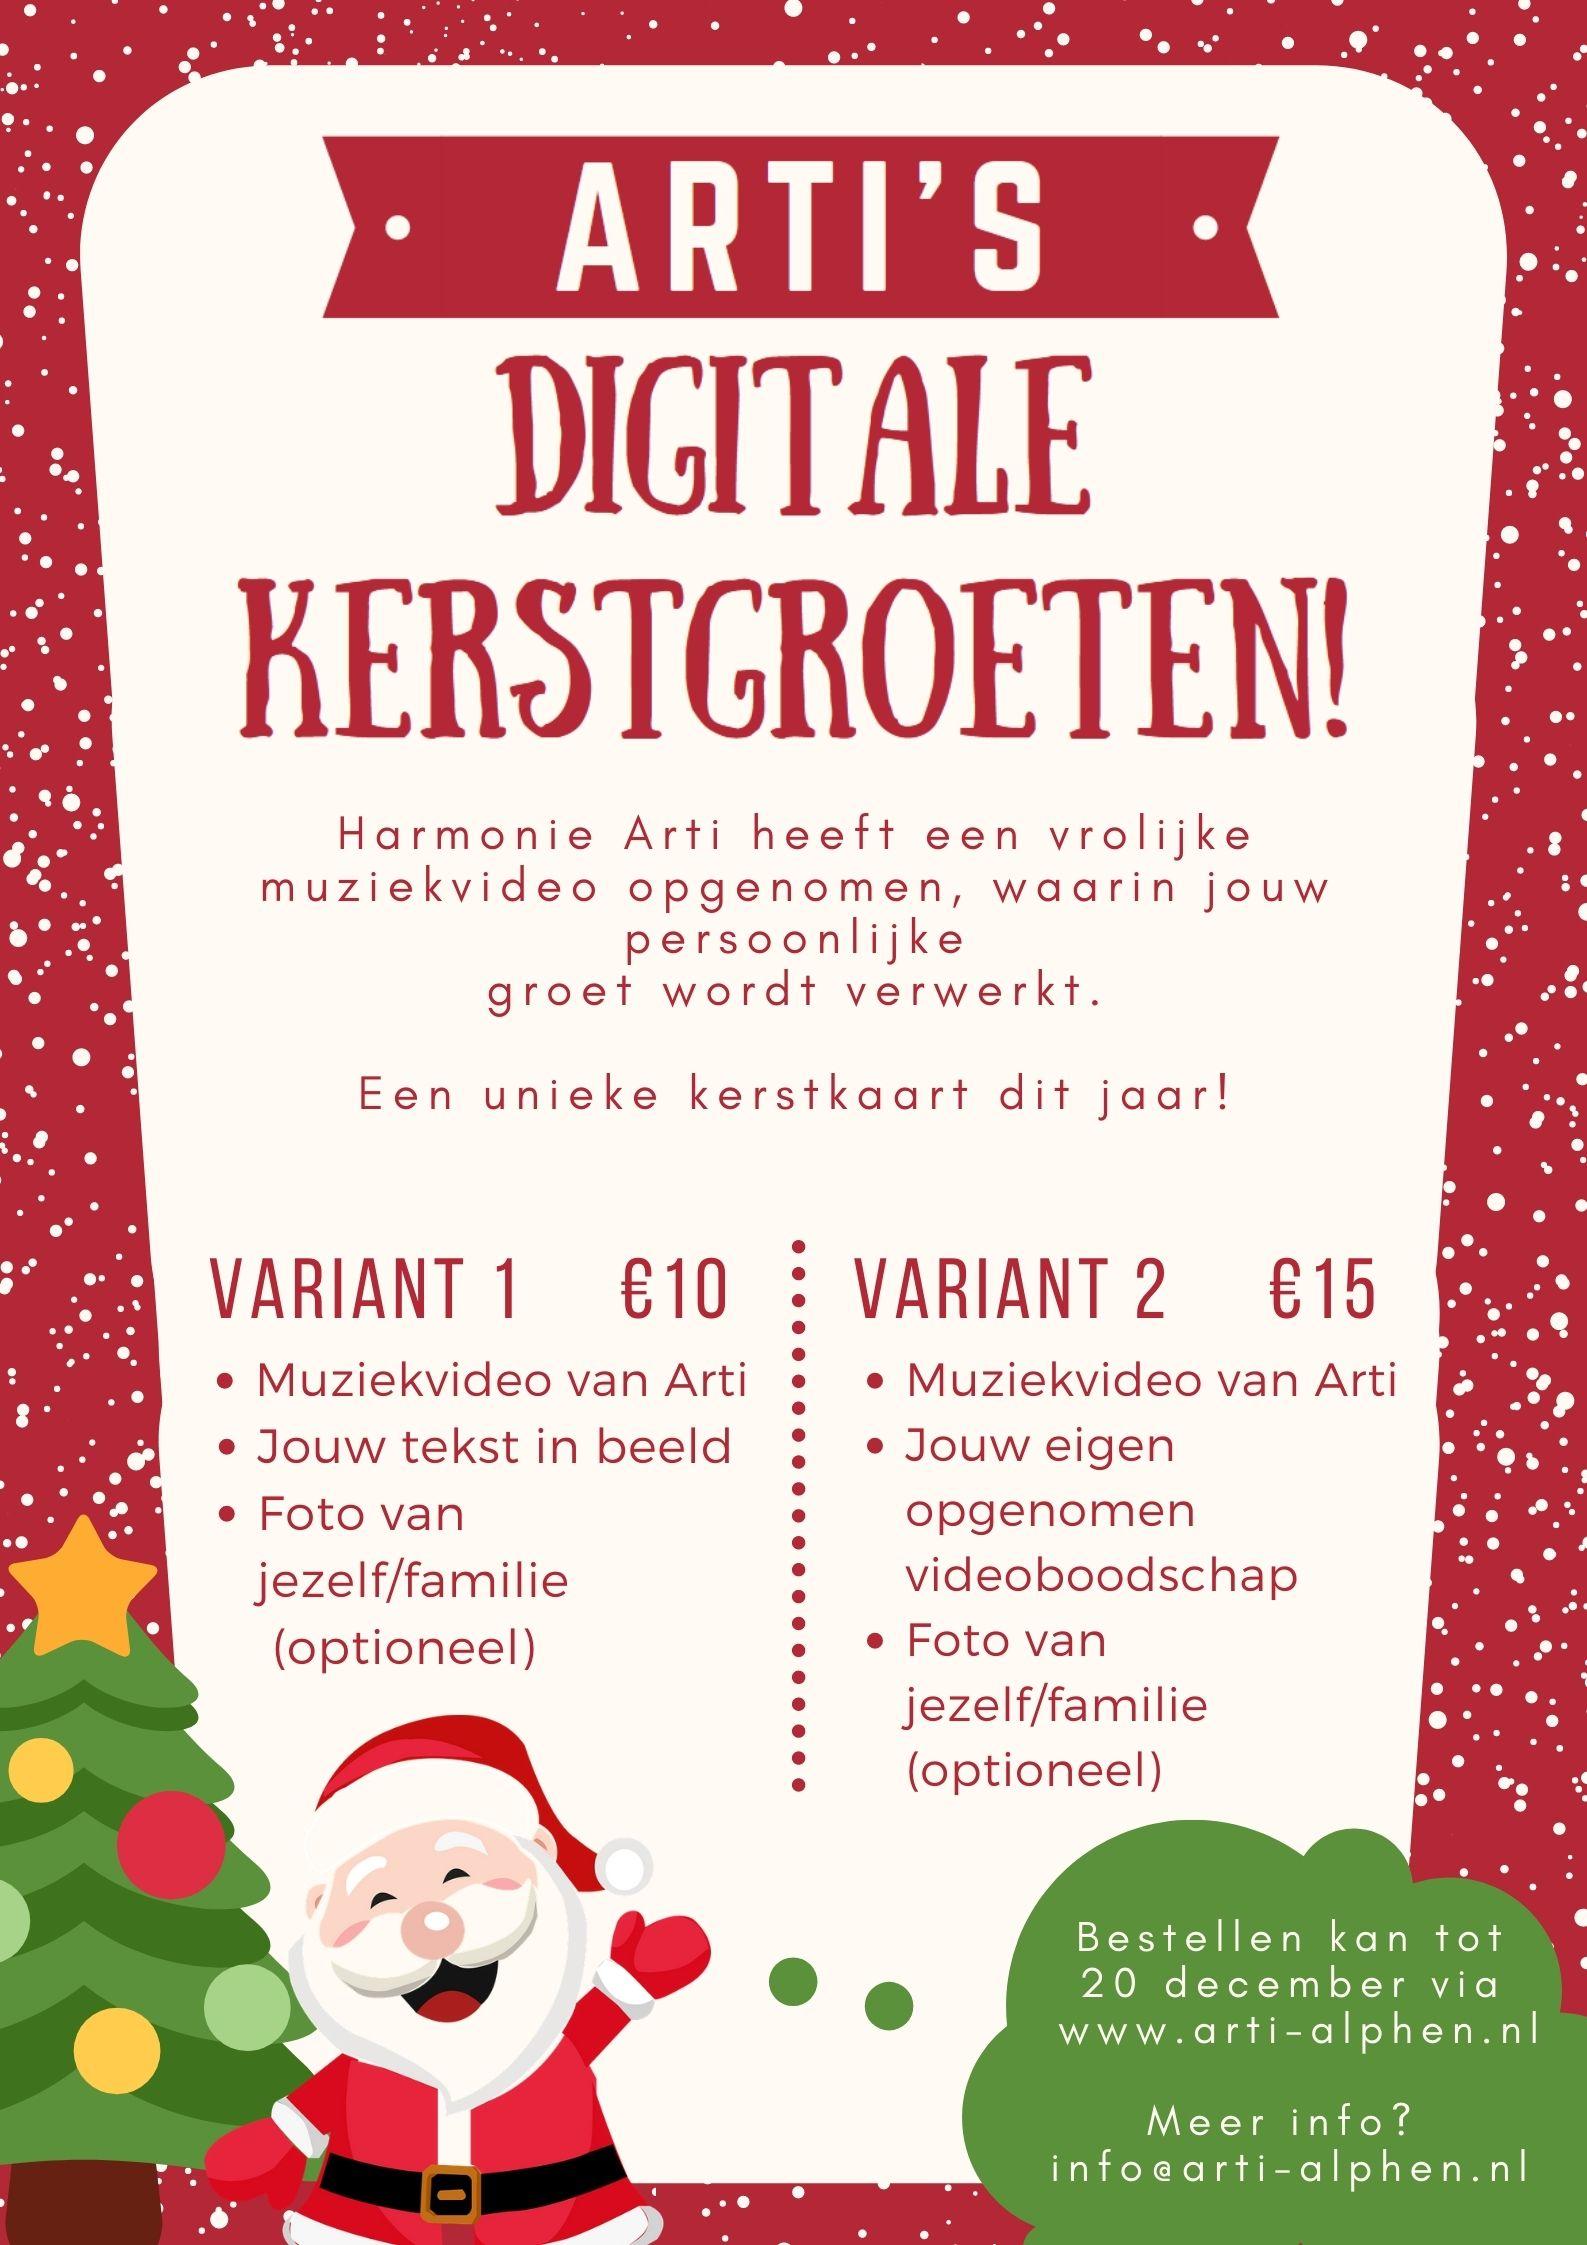 Arti's Digitale Kerstgroet